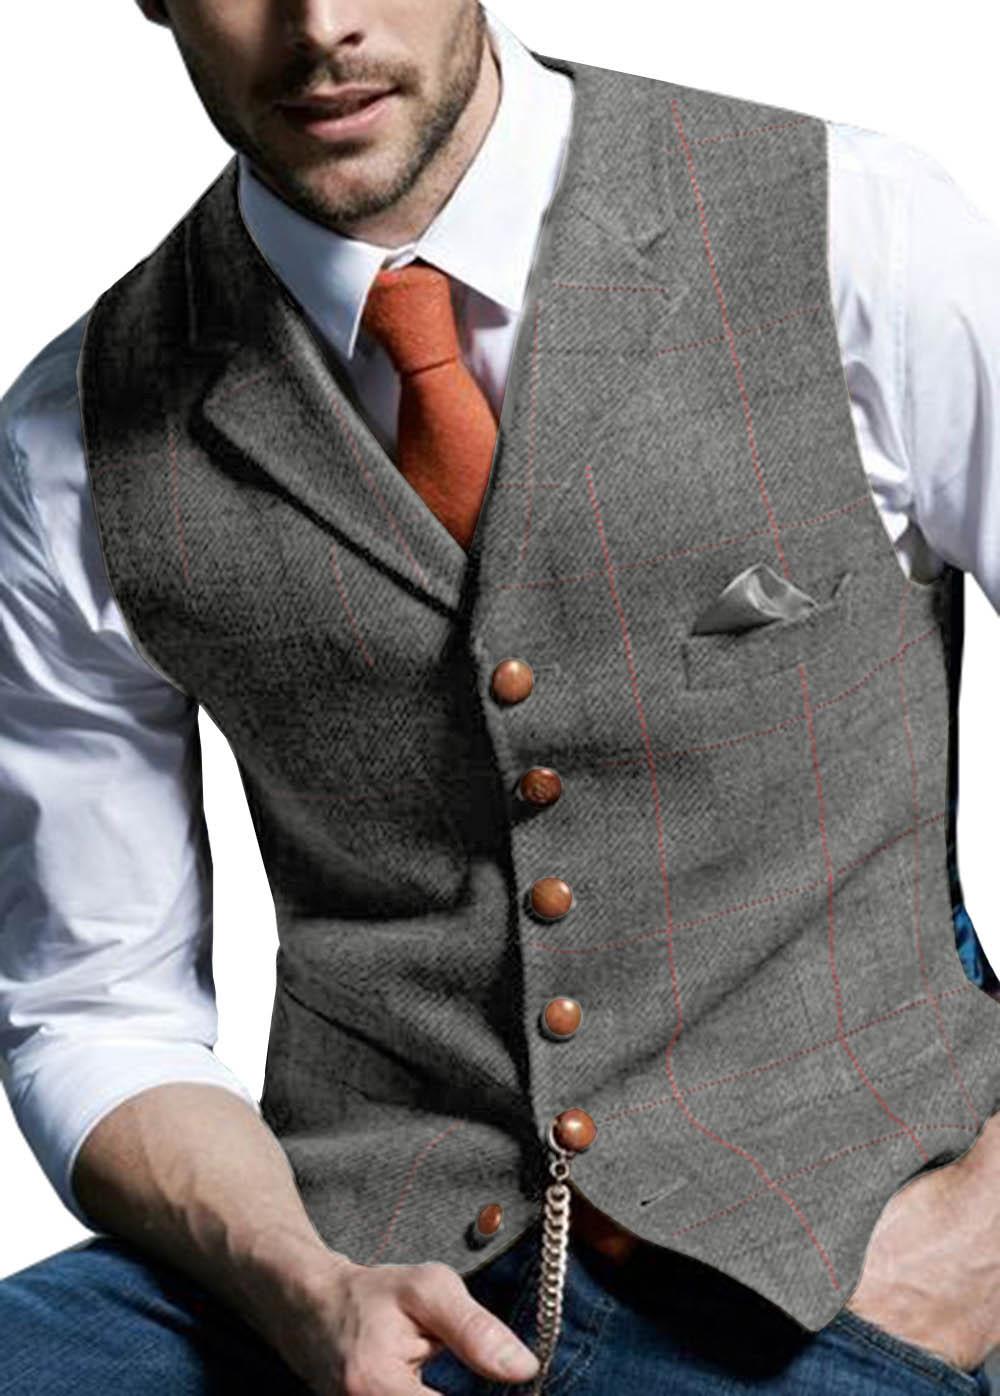 Mens-Suit-Vest-Notched-Plaid-Wool-Herringbone-Tweed-Waistcoat-Casual-Formal-Business-Groomman-For-Wedding-Green (1)